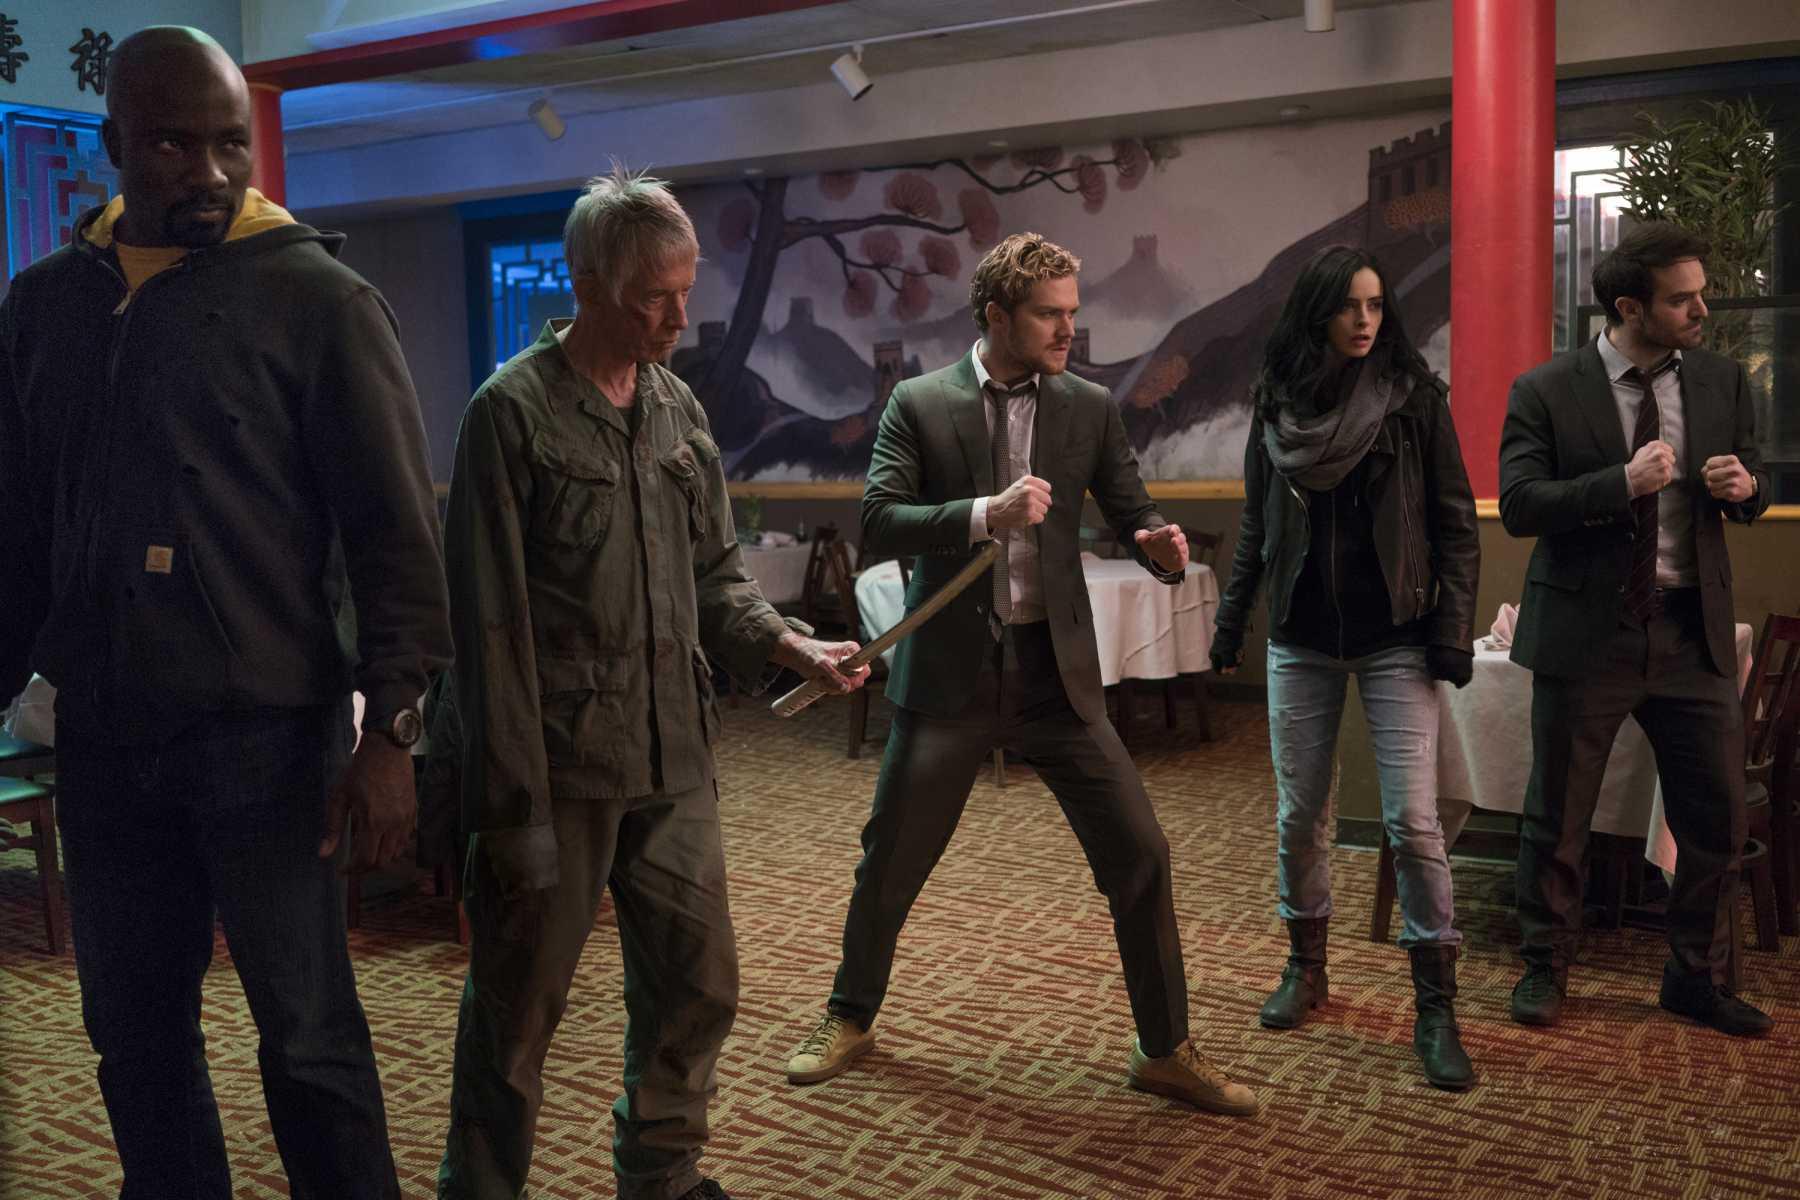 Cena de Os Defensores, ou The Defenders, série da Marvel e Netflix. Na cena, estão em posição de combate: Luke Cage, Stick, Danny Rand, Jessica Jones e Matt Murdock